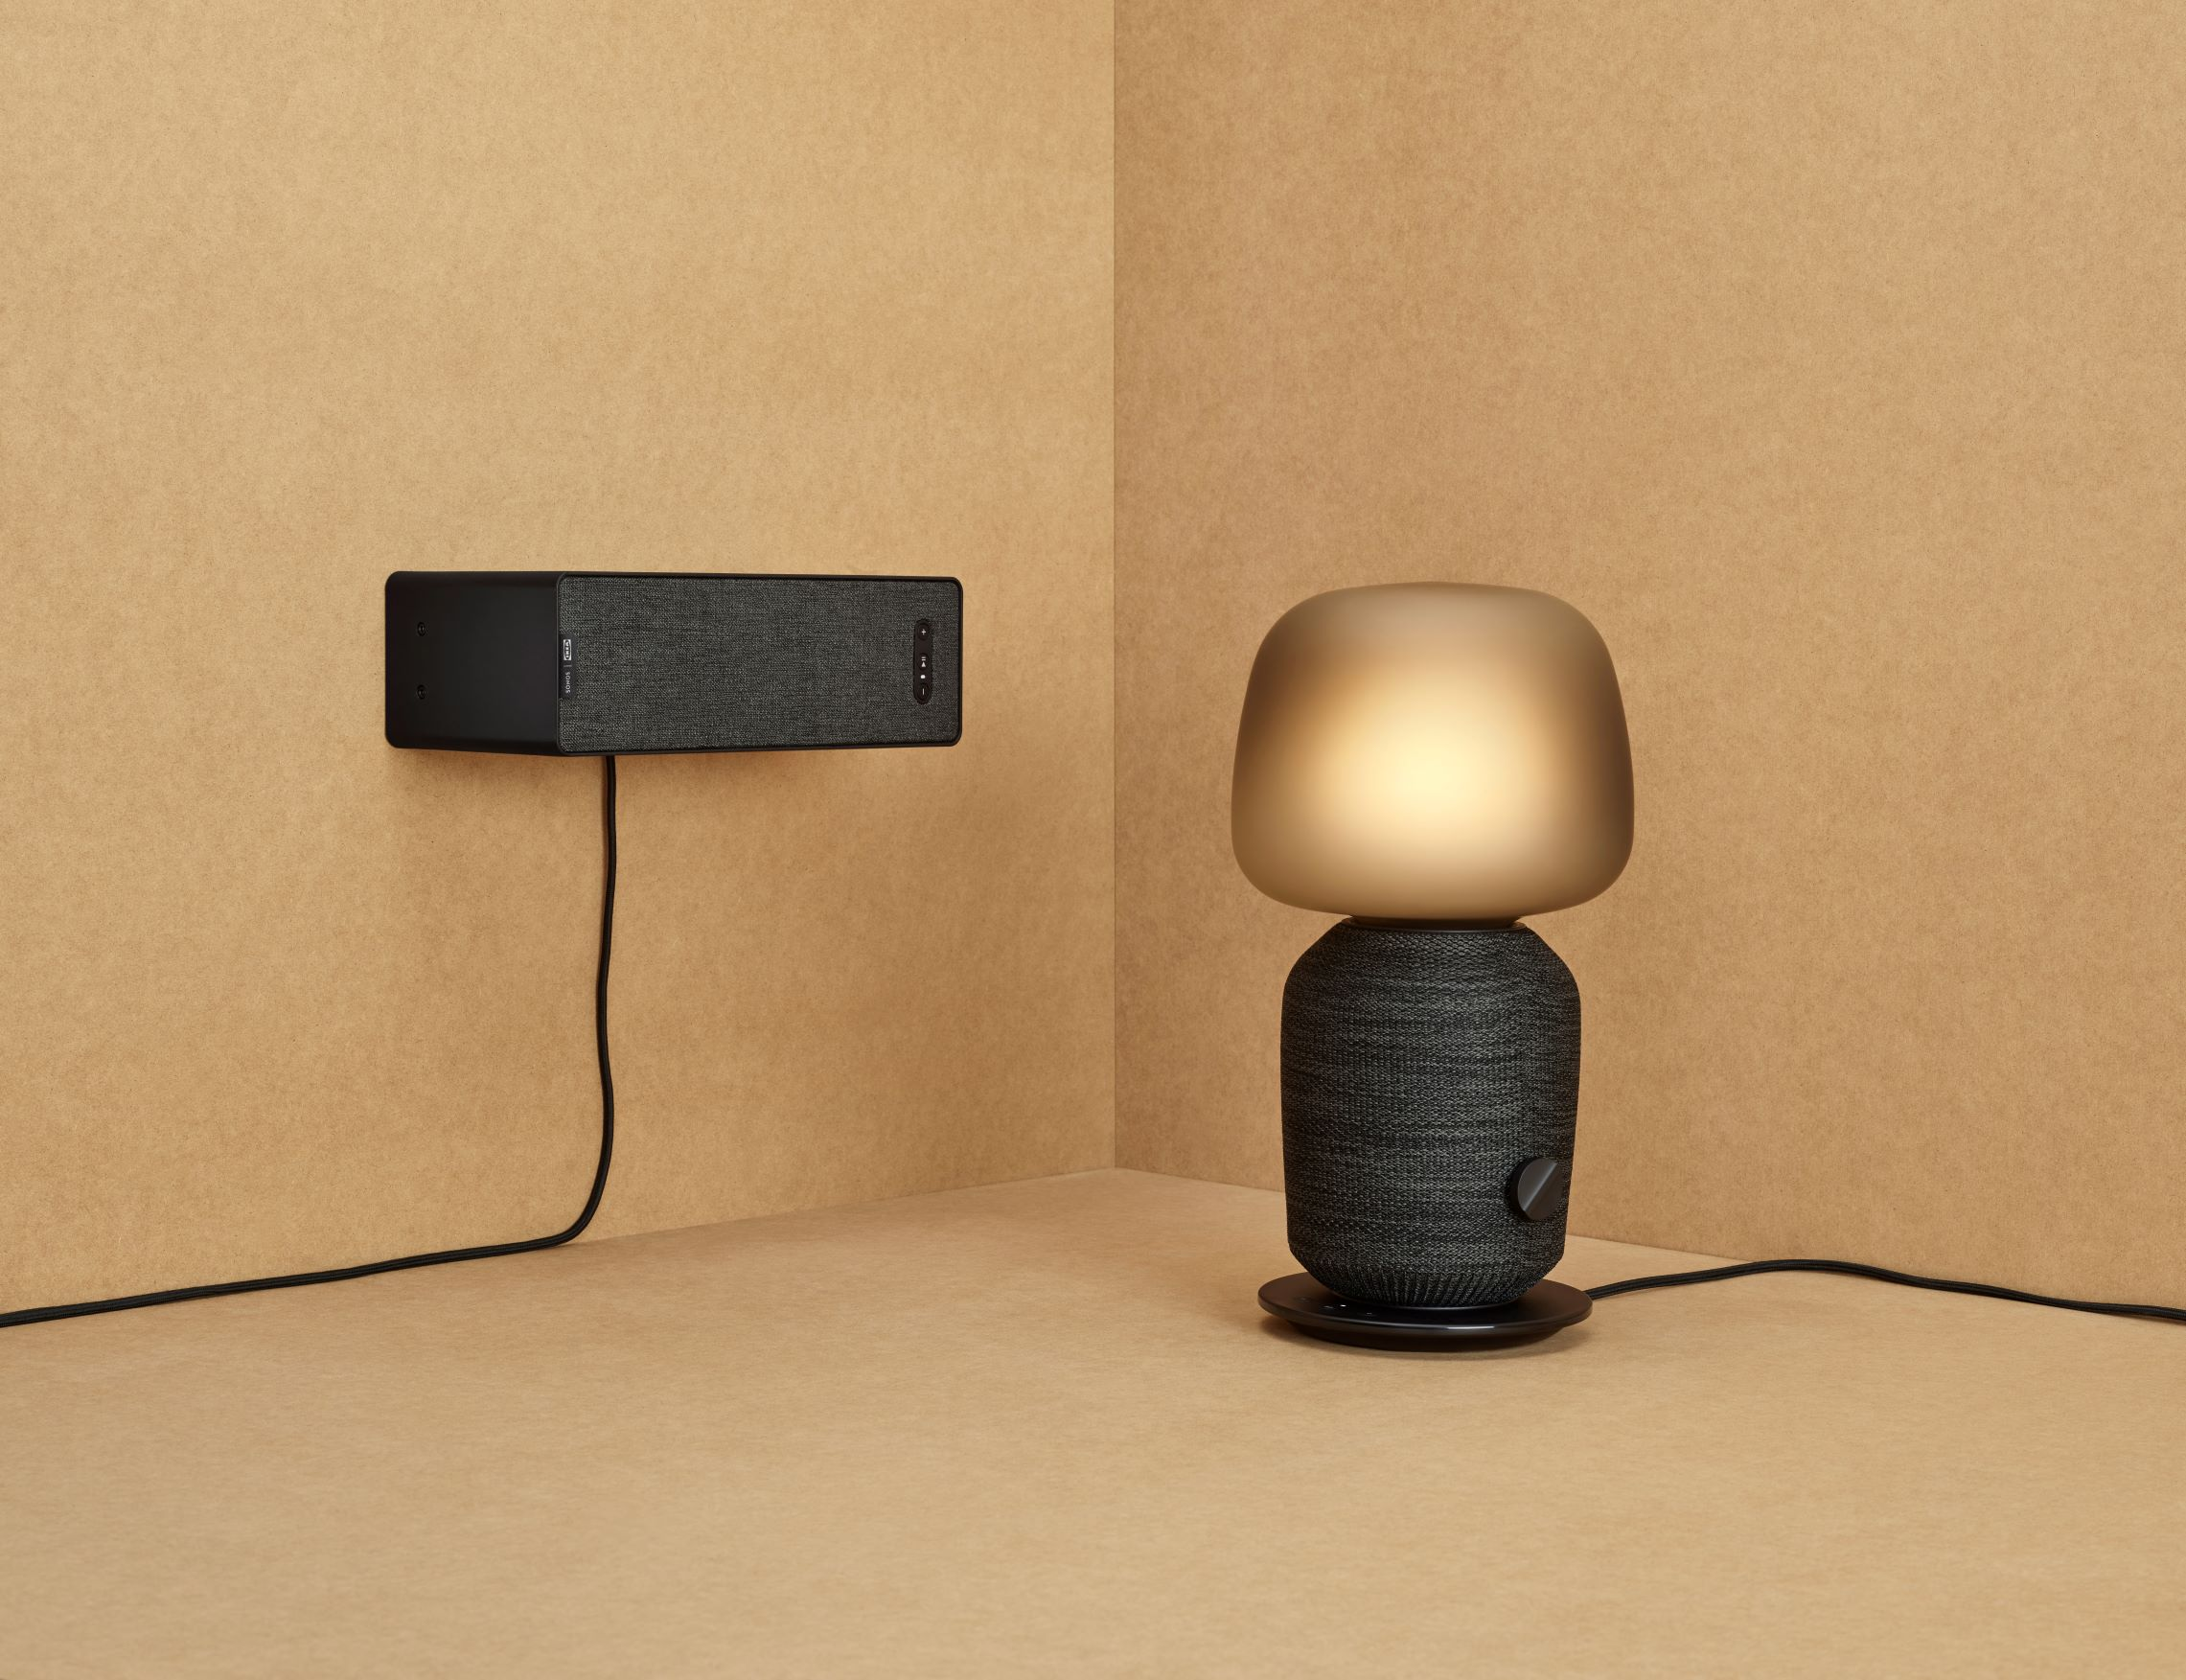 Full Size of Ikea Wohnzimmer Lampen Lampenschirm Lampe Leuchten Mit Sonos Symfonisk Bringt Licht Und Ton Ins Vorhänge Decke Led Komplett Esstisch Badezimmer Deckenlampe Wohnzimmer Ikea Wohnzimmer Lampe